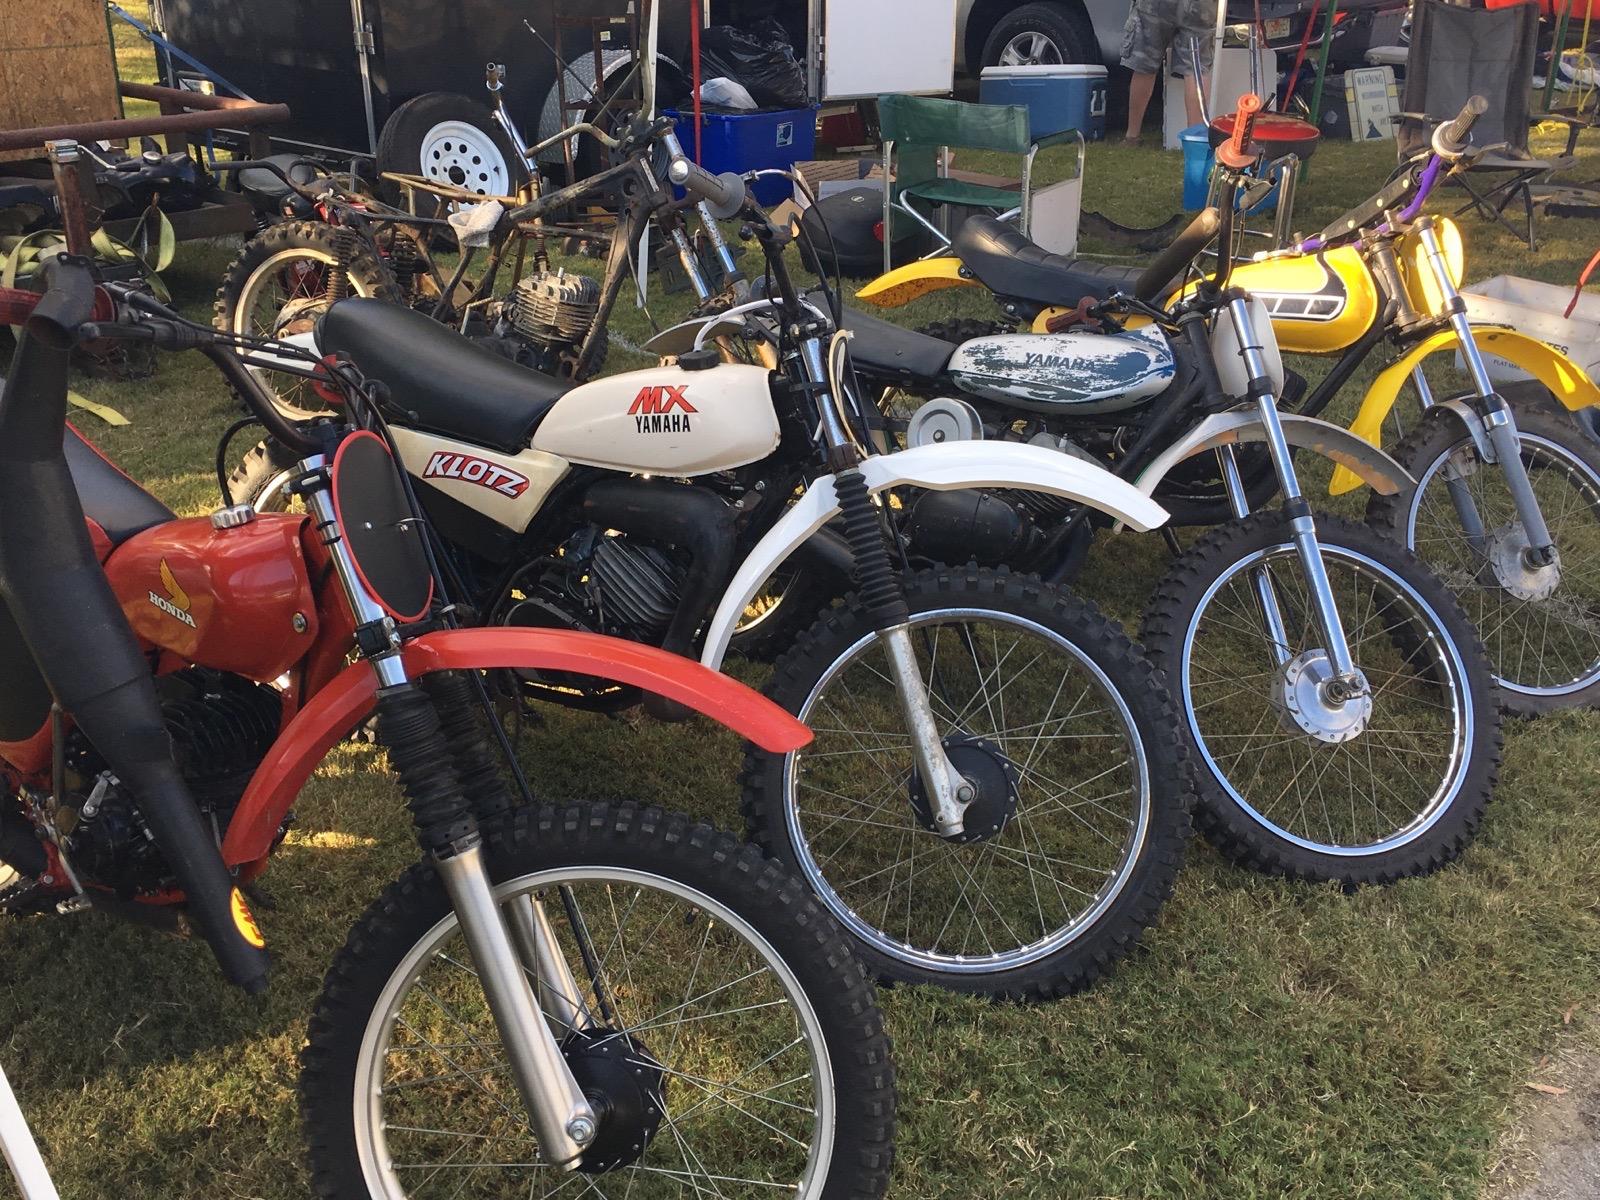 barber vintage festival motorcycles